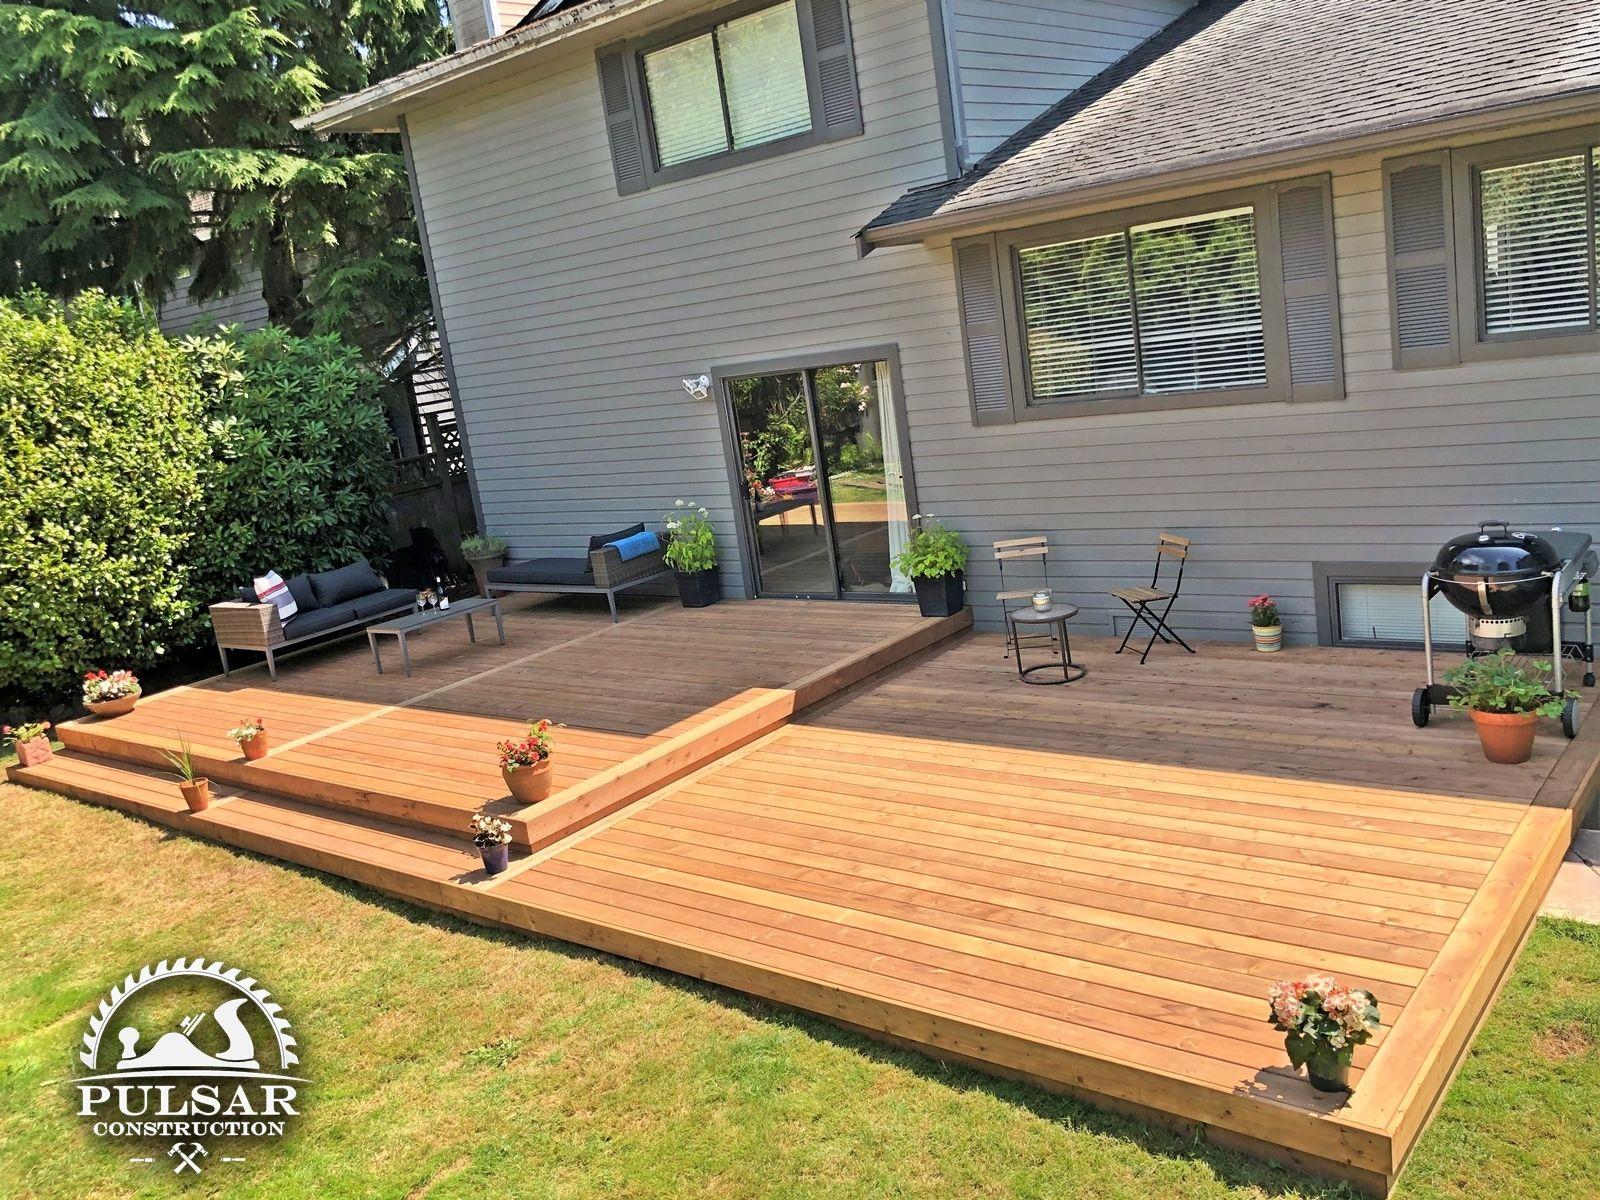 Split Level Patio Deck In 2020 Concrete Patio Building A Deck Deck Designs Backyard